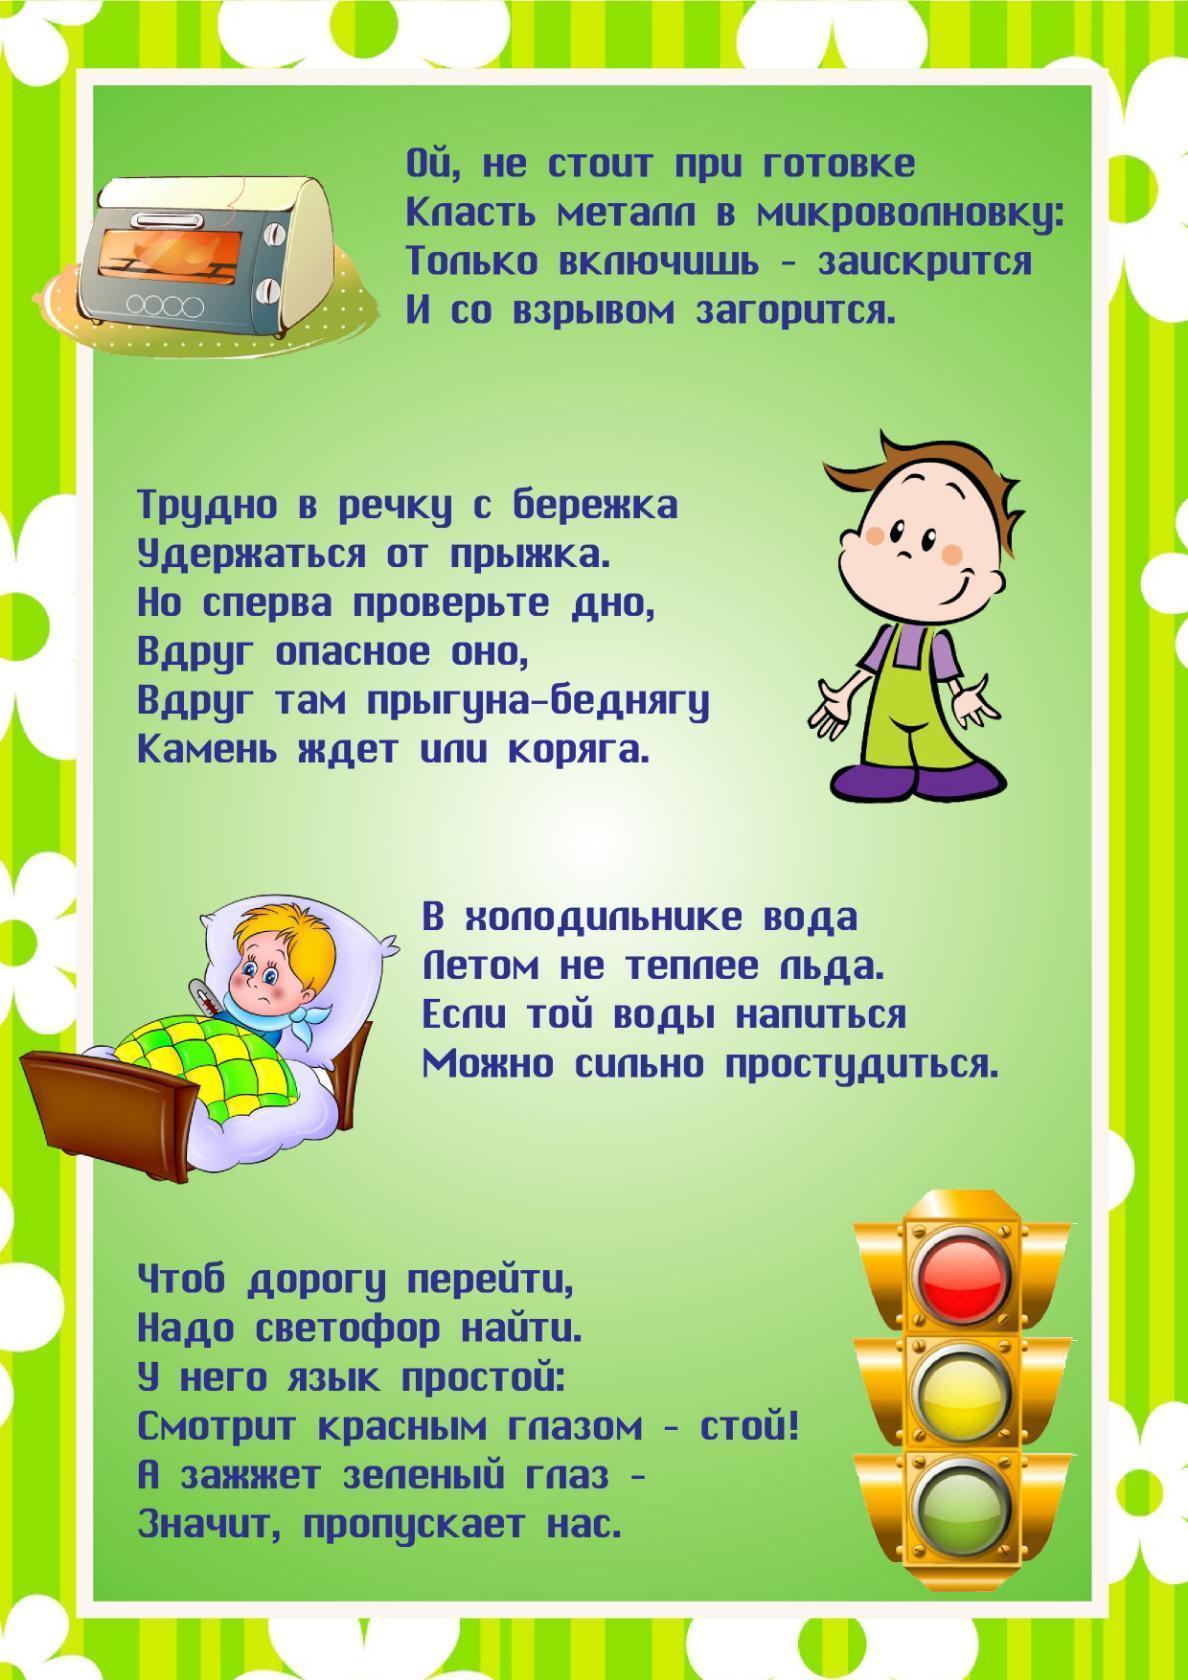 Безопасность детям в картинках и стихах